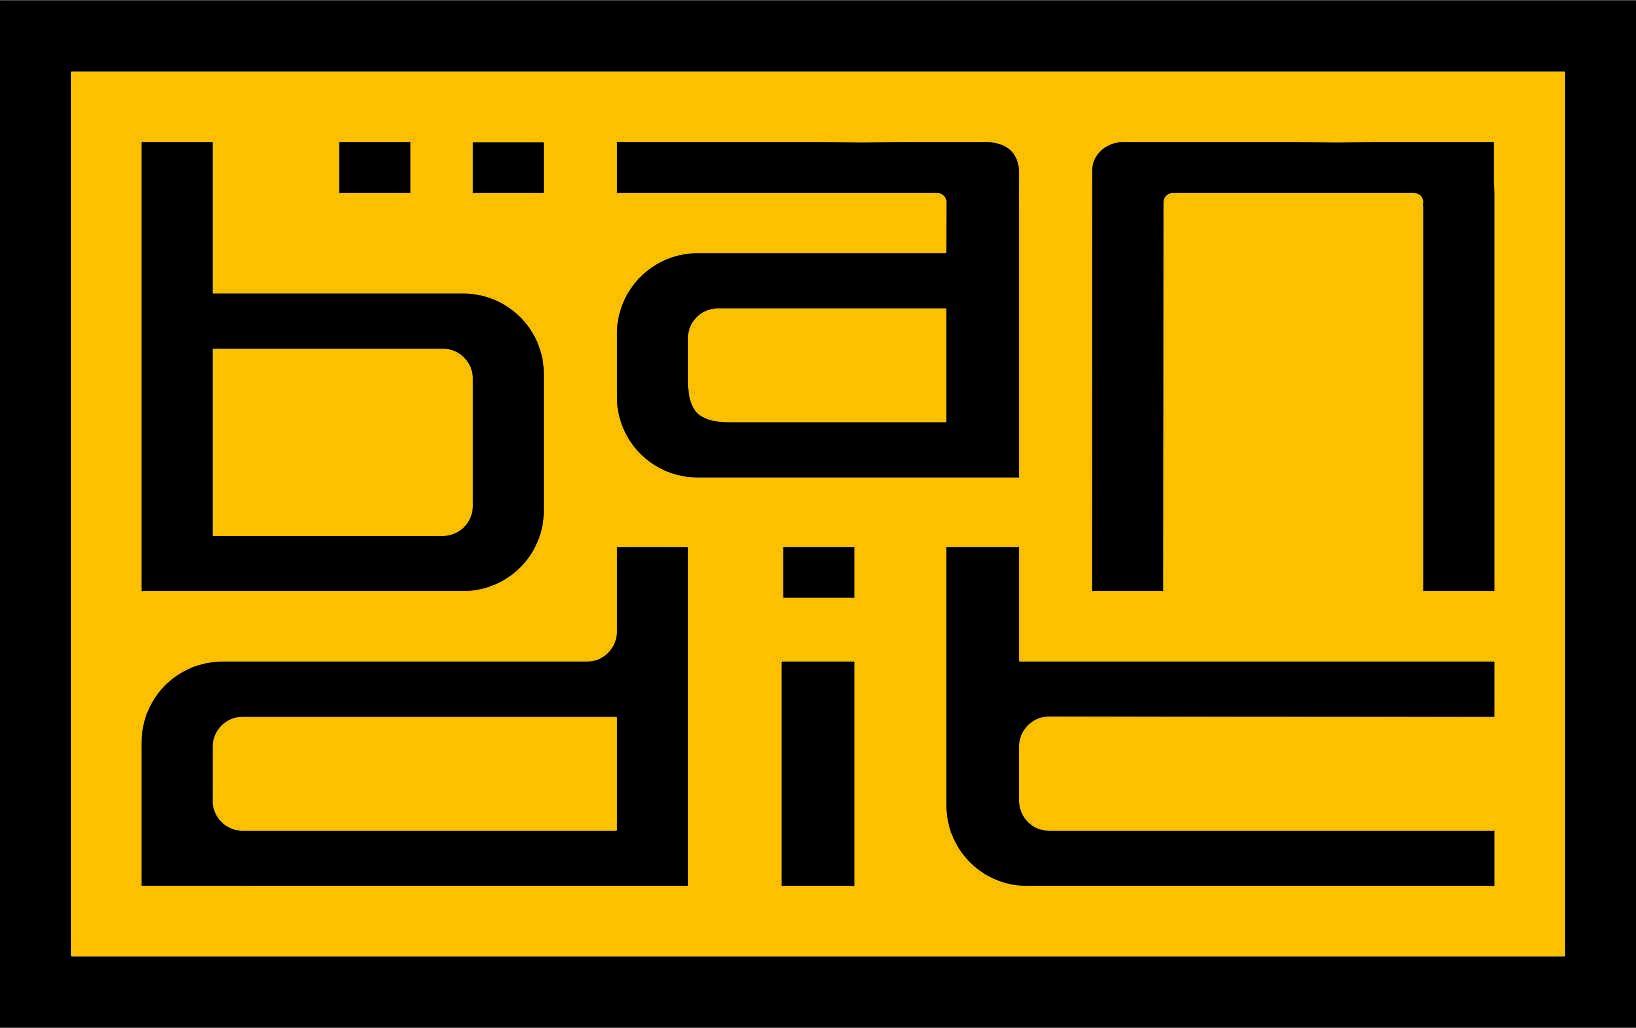 bandit logo final